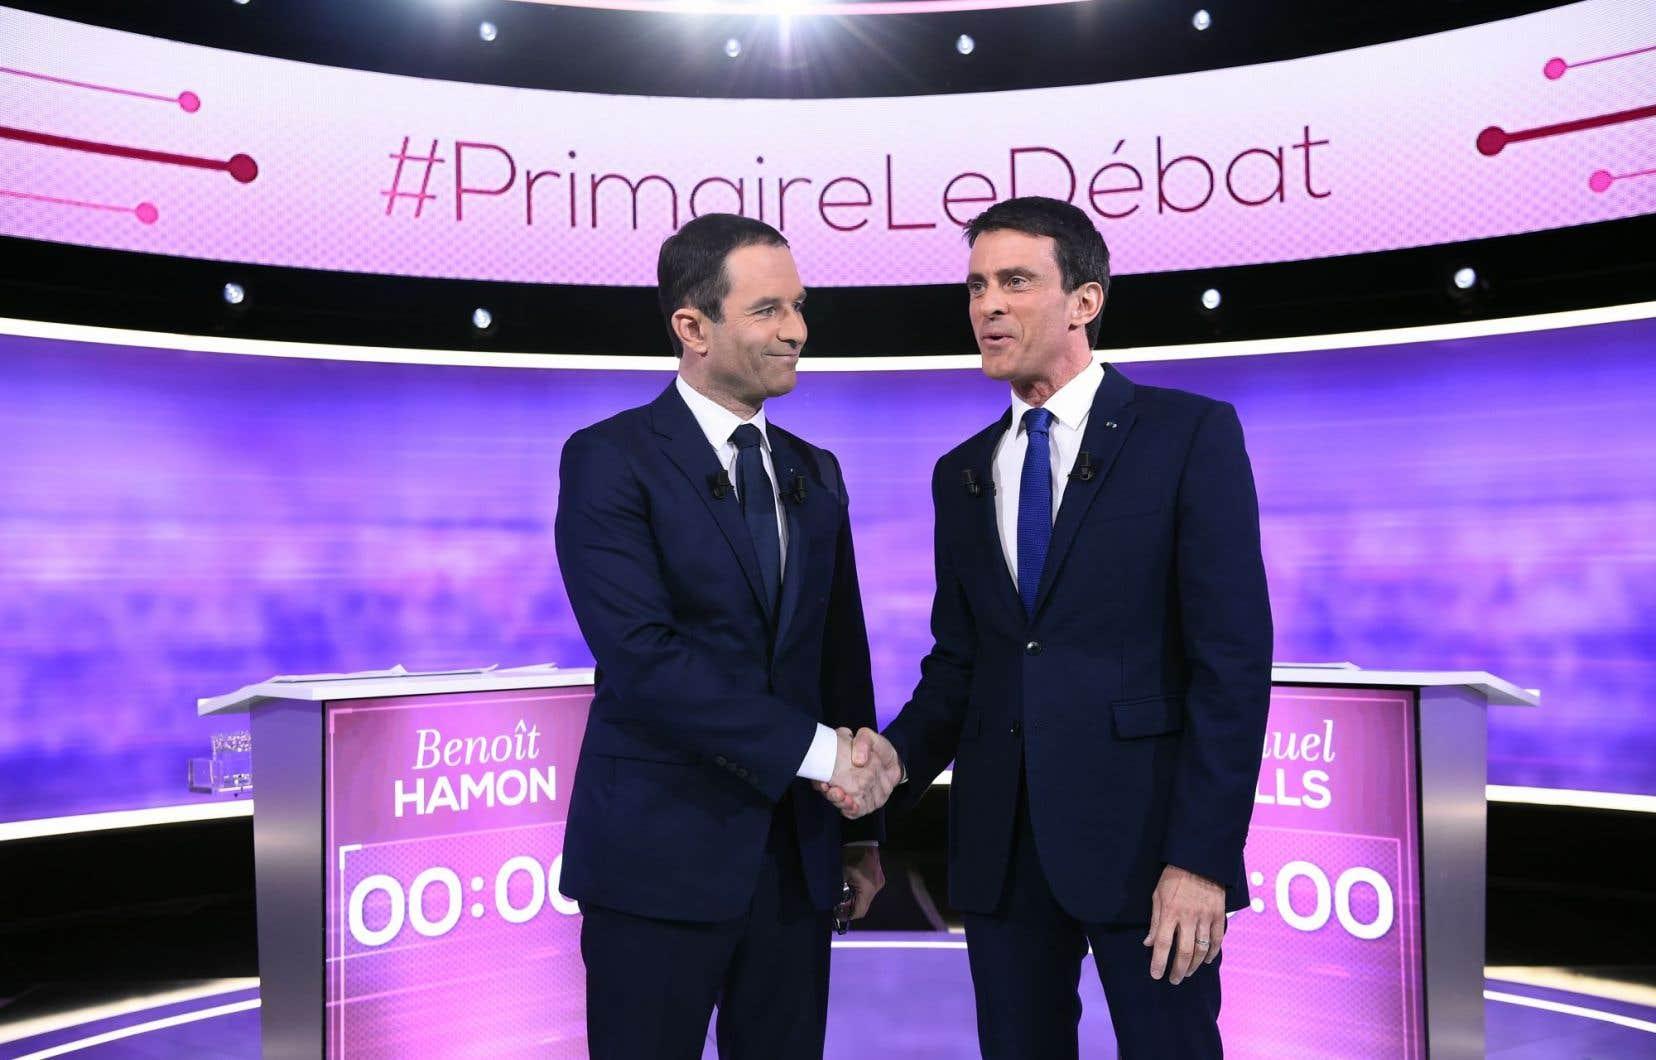 Les candidats de la gaucheBenoît Hamon et Manuel Valls se sont affrontés dans un débat télévisé, mercredi soir.